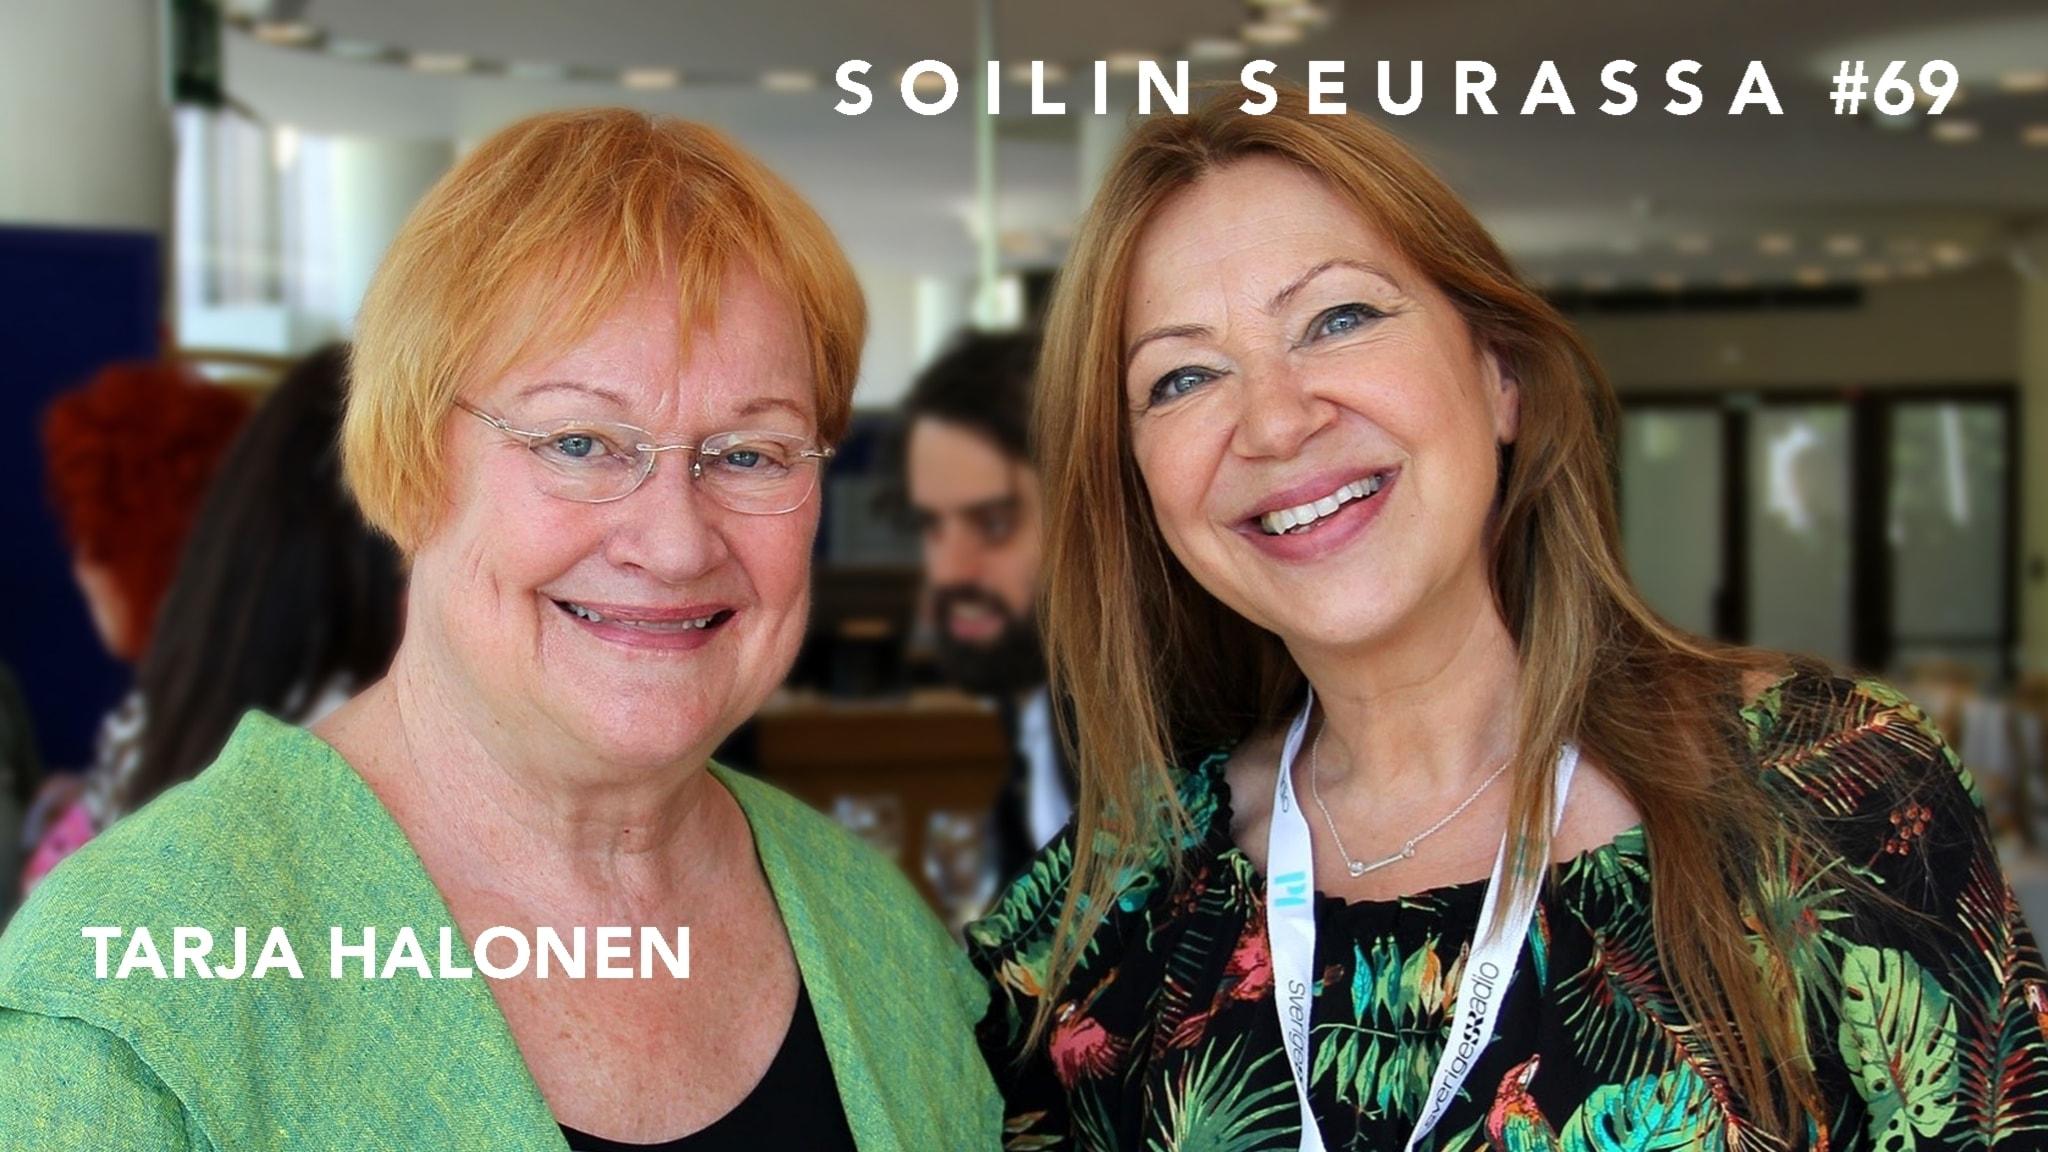 Presidentti Tarja Halonen: Olisin sopinut Ruotsiin paremmin kuin Suomeen